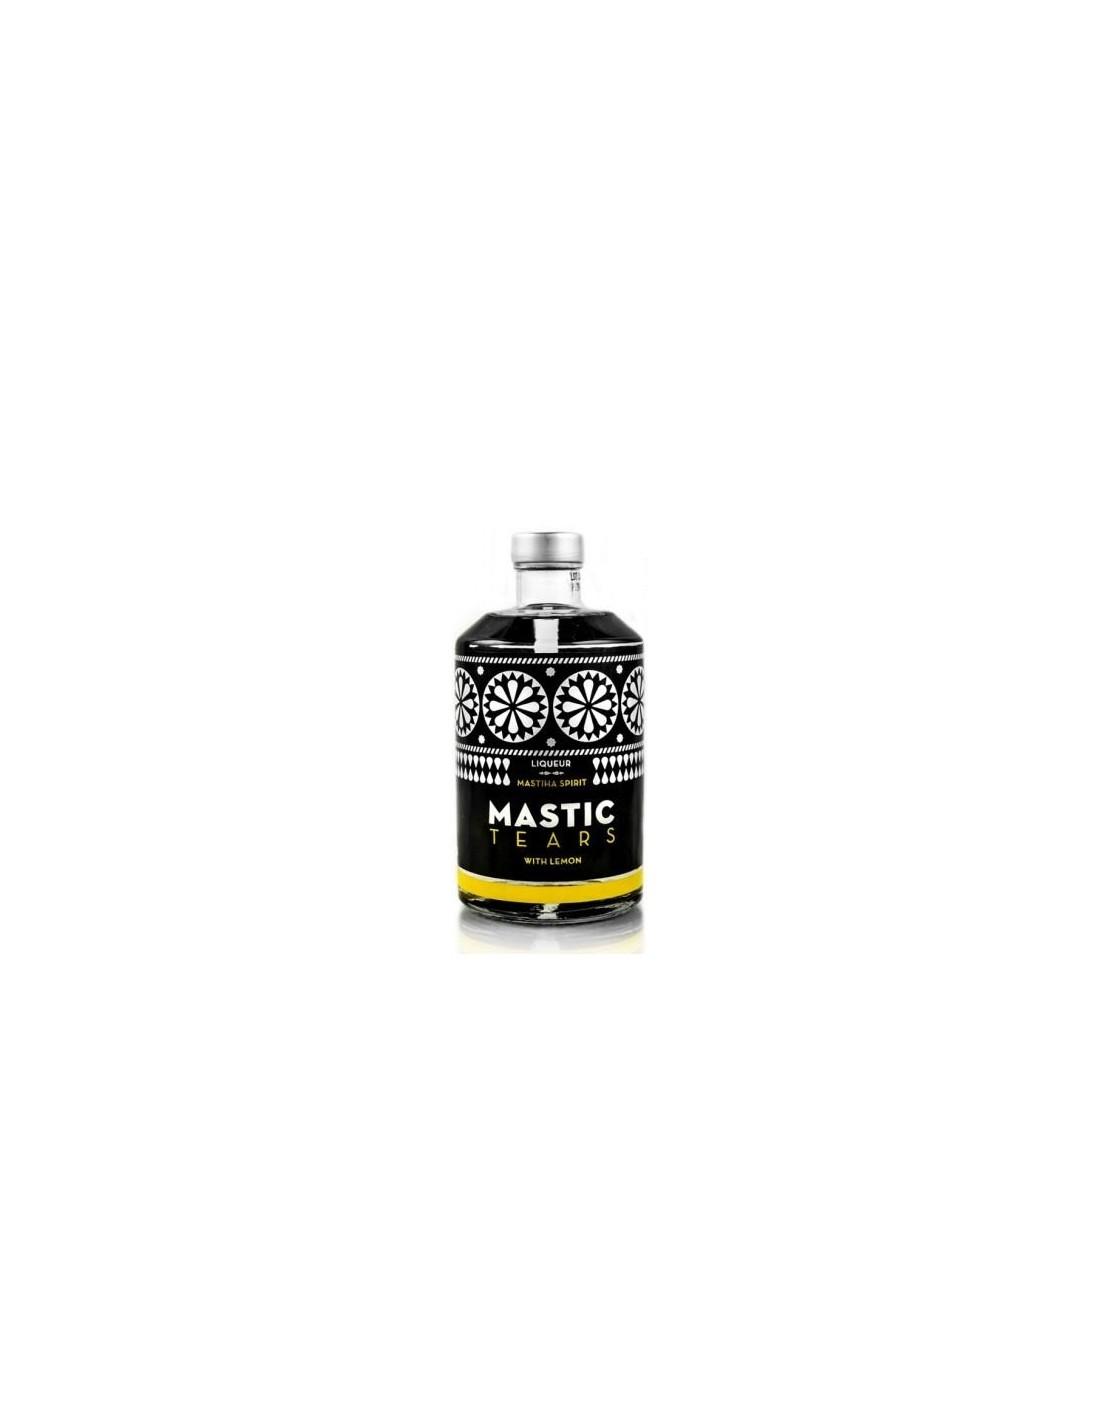 Lichior Mastic Tears Lemon 24% alc., 0.5L, Grecia